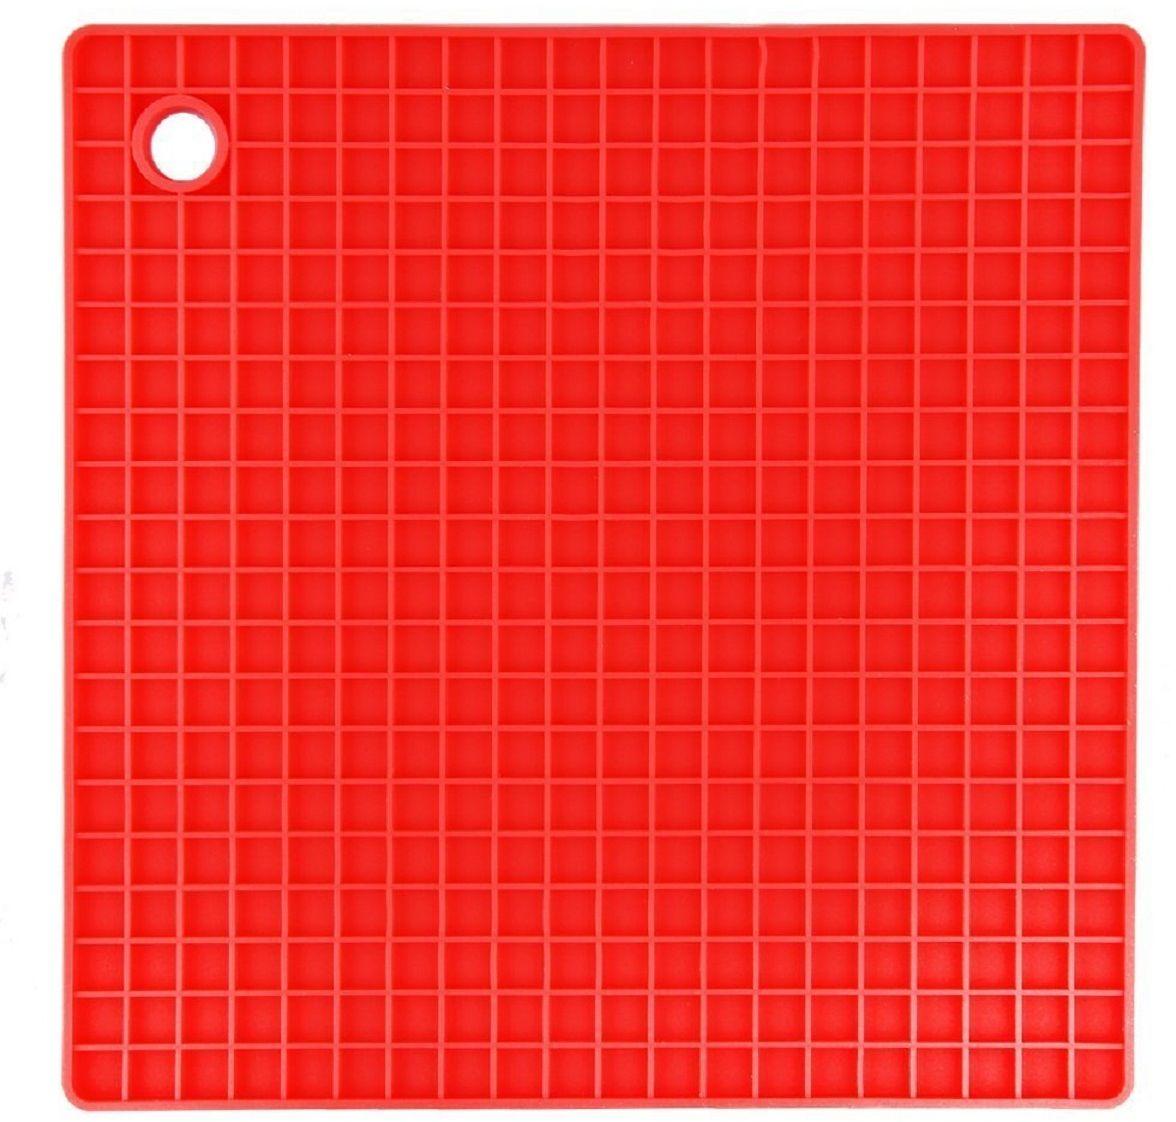 Подставка под горячее FidgetGo Квадрат, цвет: красный, 18,5 х 18,5 см2212345678131Подставка под горячее FidgetGo Квадрат защитит поверхность стола от попадания влаги и высоких температур. Любая хозяйка знает, что кухня- это не просто место для приготовления пищи, но и место, где собирается вся семья. именно поэтому аксессуары, которыми вы наполняетекухню, должны быть не только полезными, но и красивыми, чтобы создать уютную атмосферу.Кроме этого вы можете использовать ее какприхватку, а также с помощью нее открывать крышки на банках.Подставка выдерживает до 230°С, сделана из безопасного пищевогосиликона. Ее можно мыть в посудомоечной машине или использовать в микроволновке.